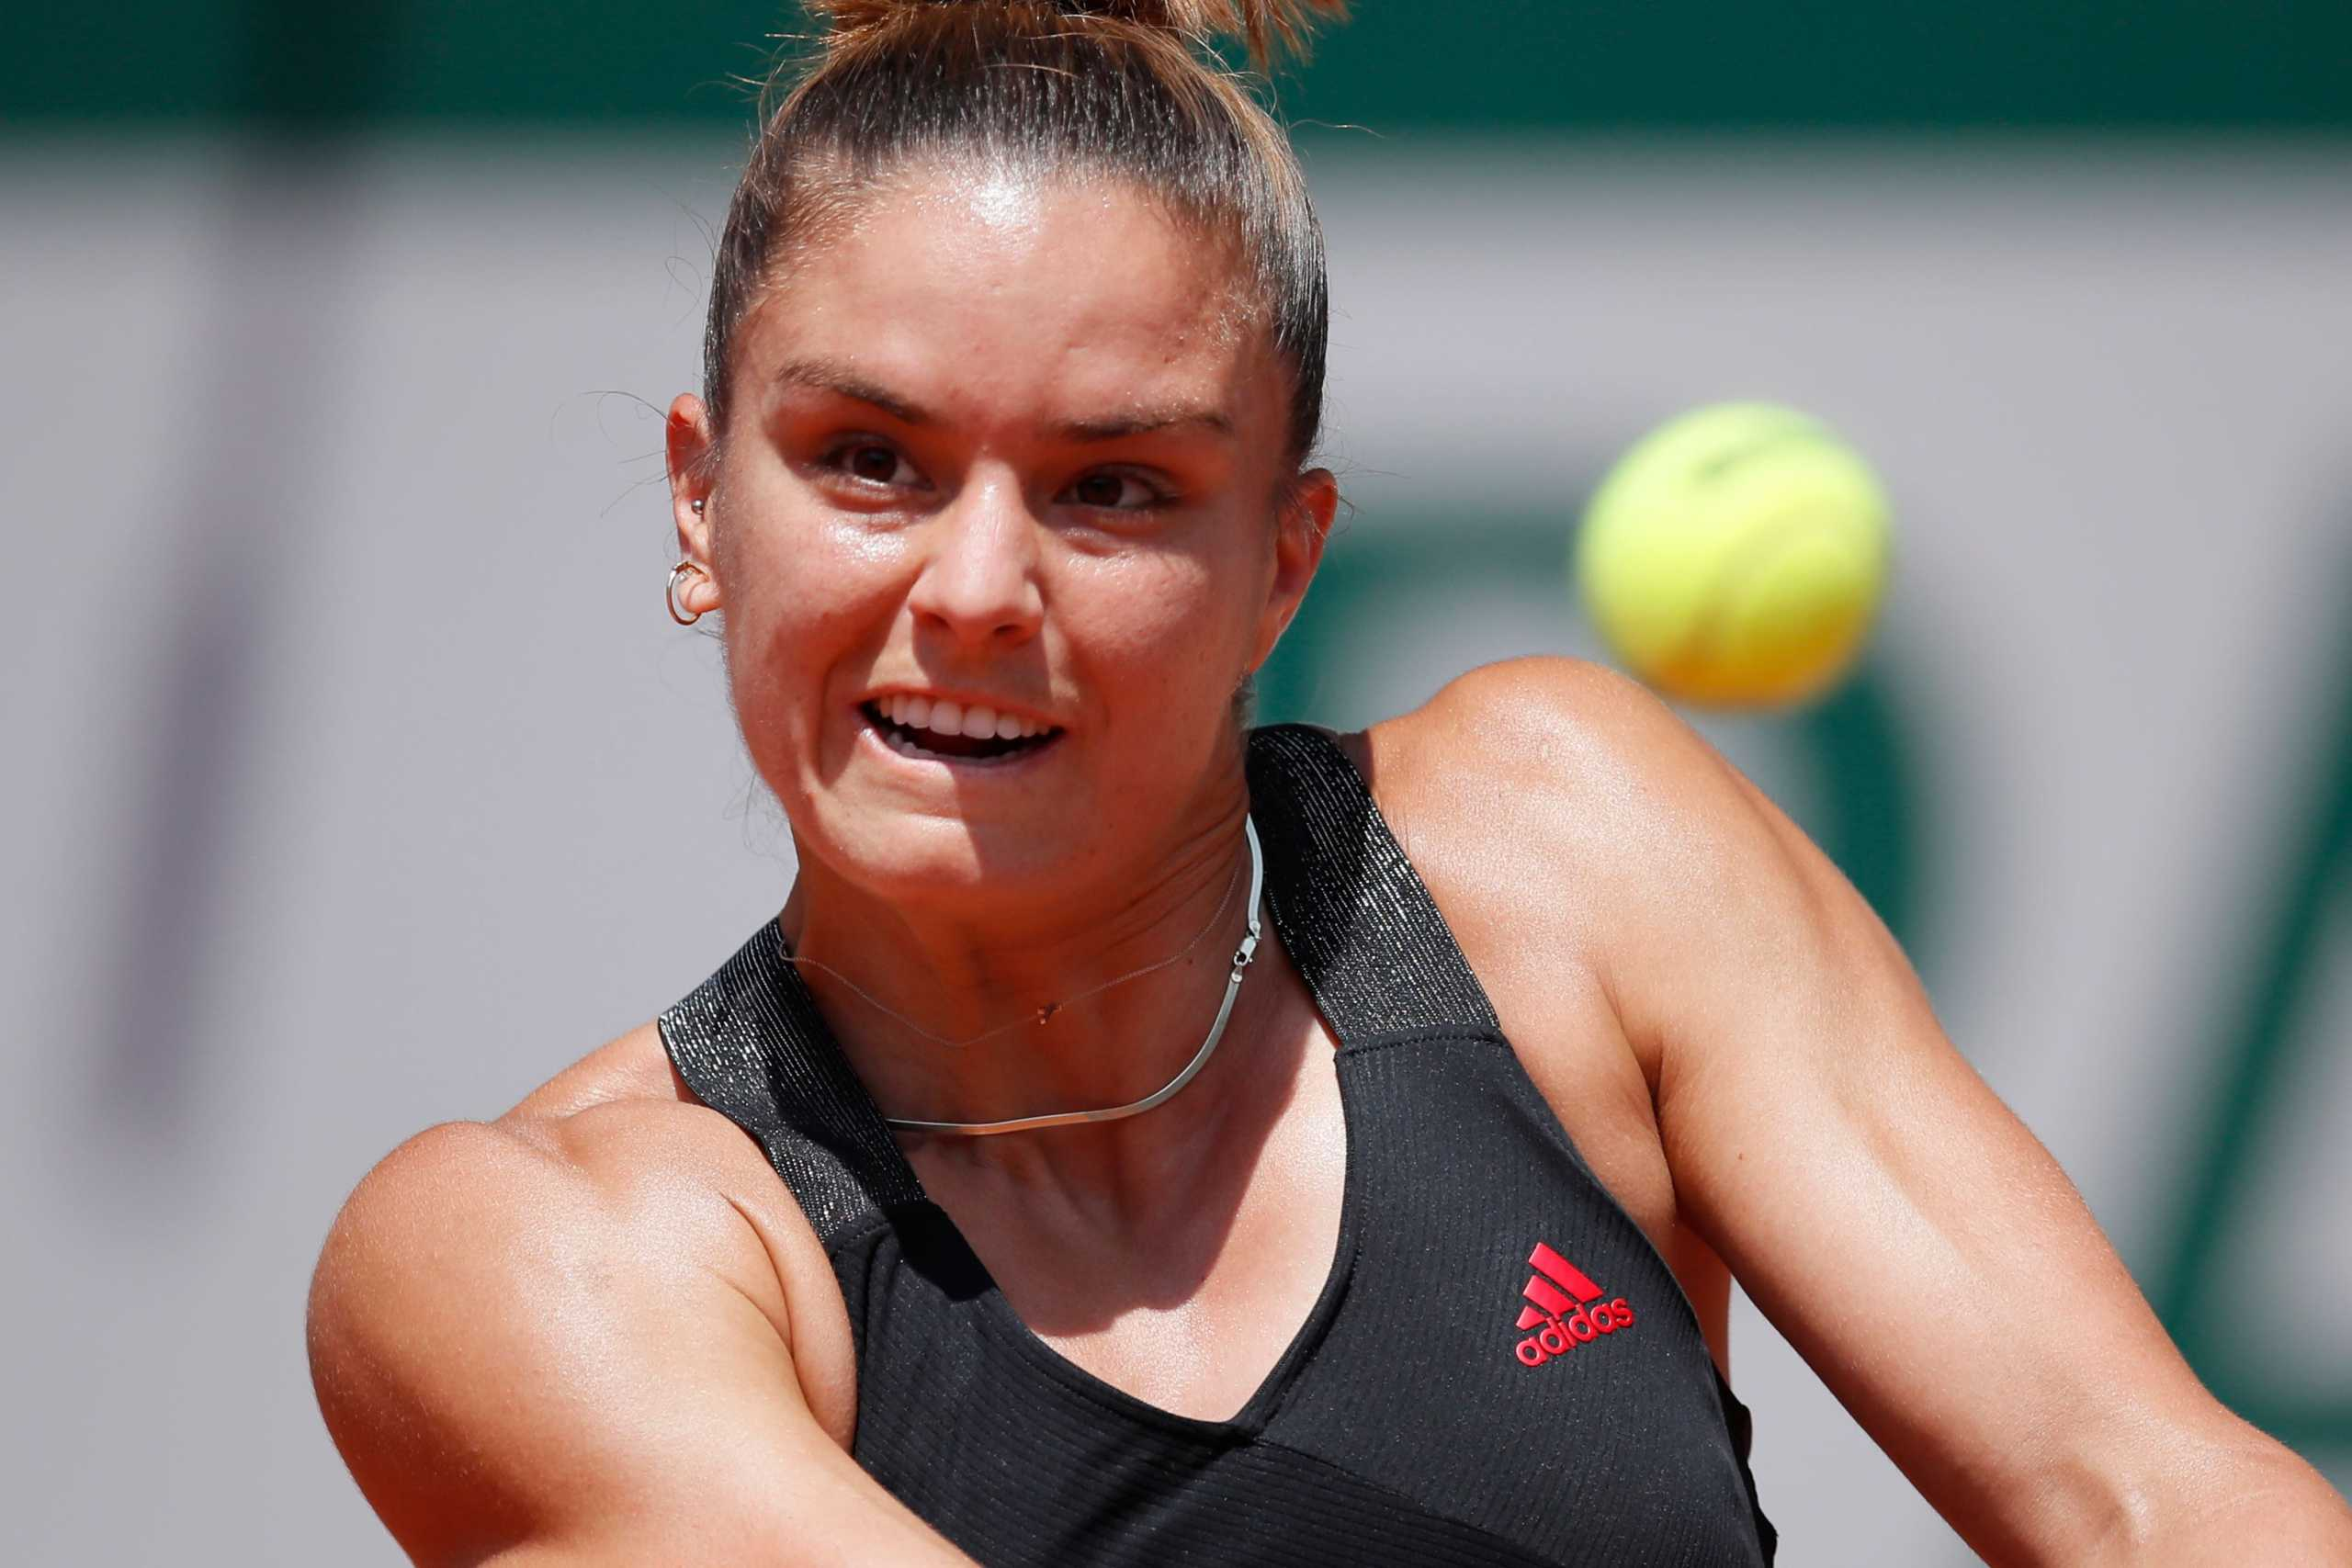 Τι ώρα παίζει η Μαρία Σάκκαρη στο Wimbledon